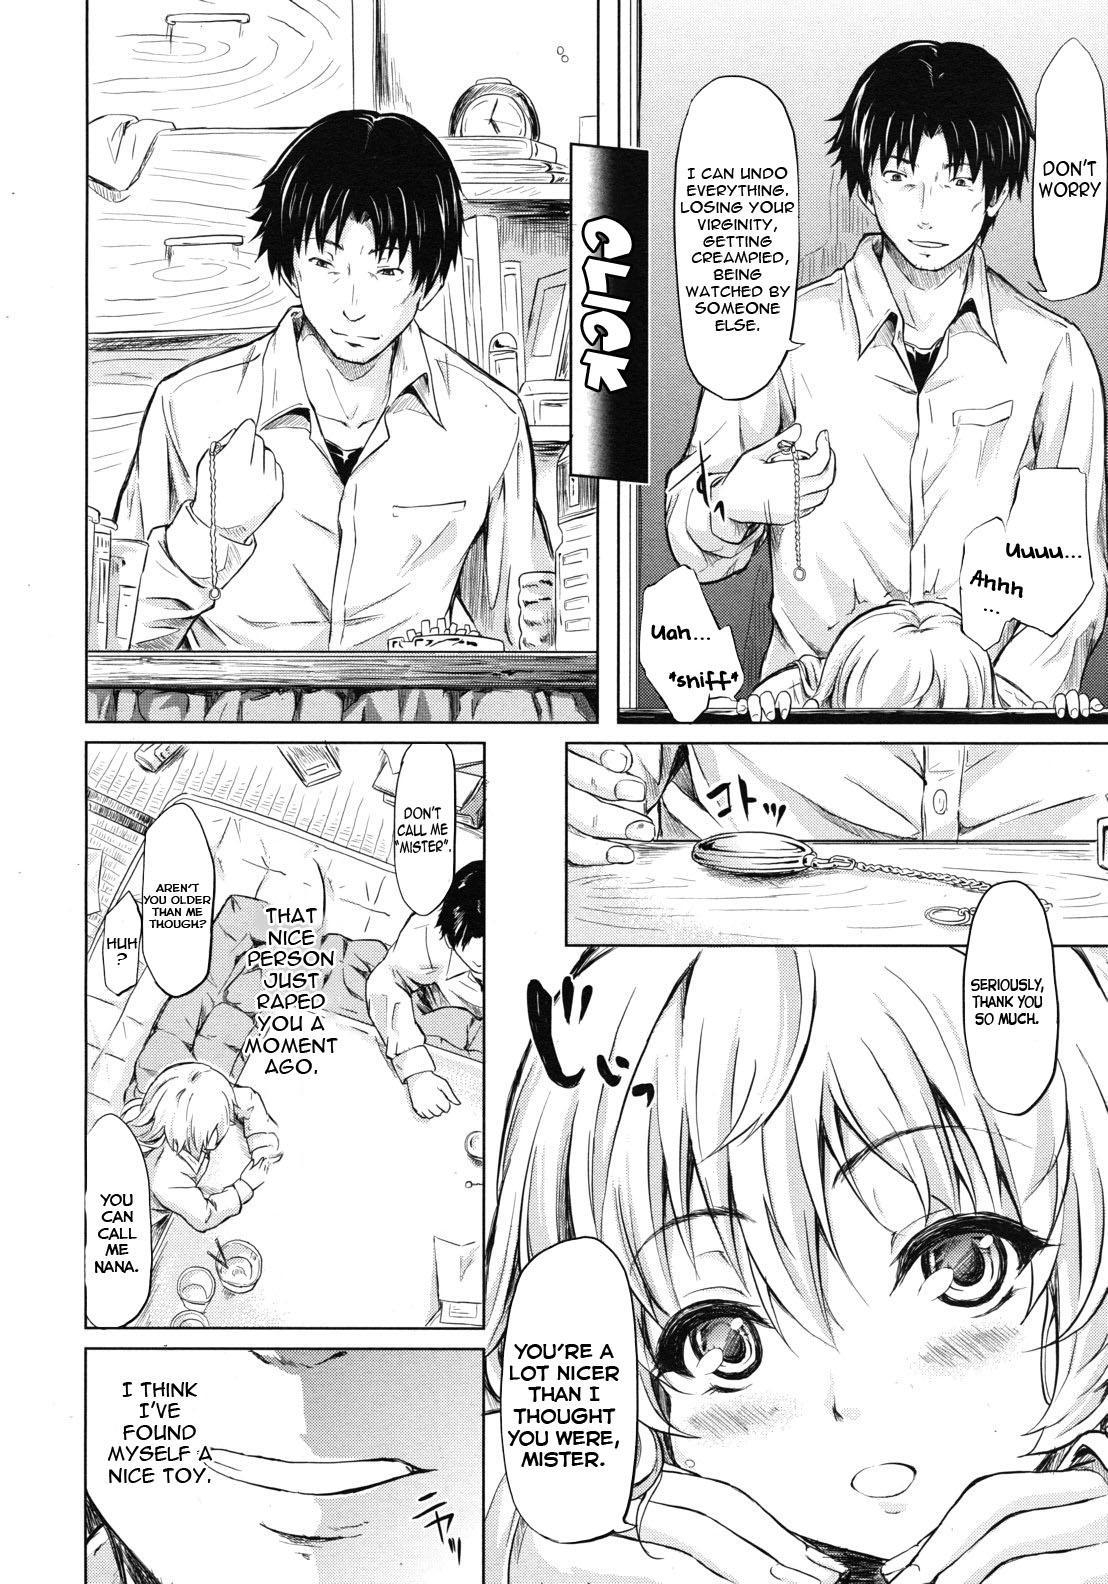 [Shiki Takuto] if - Tokei Monogatari | if - A Story About a Watch (Comic MUJIN 2012-07) [English] =LWB= 27